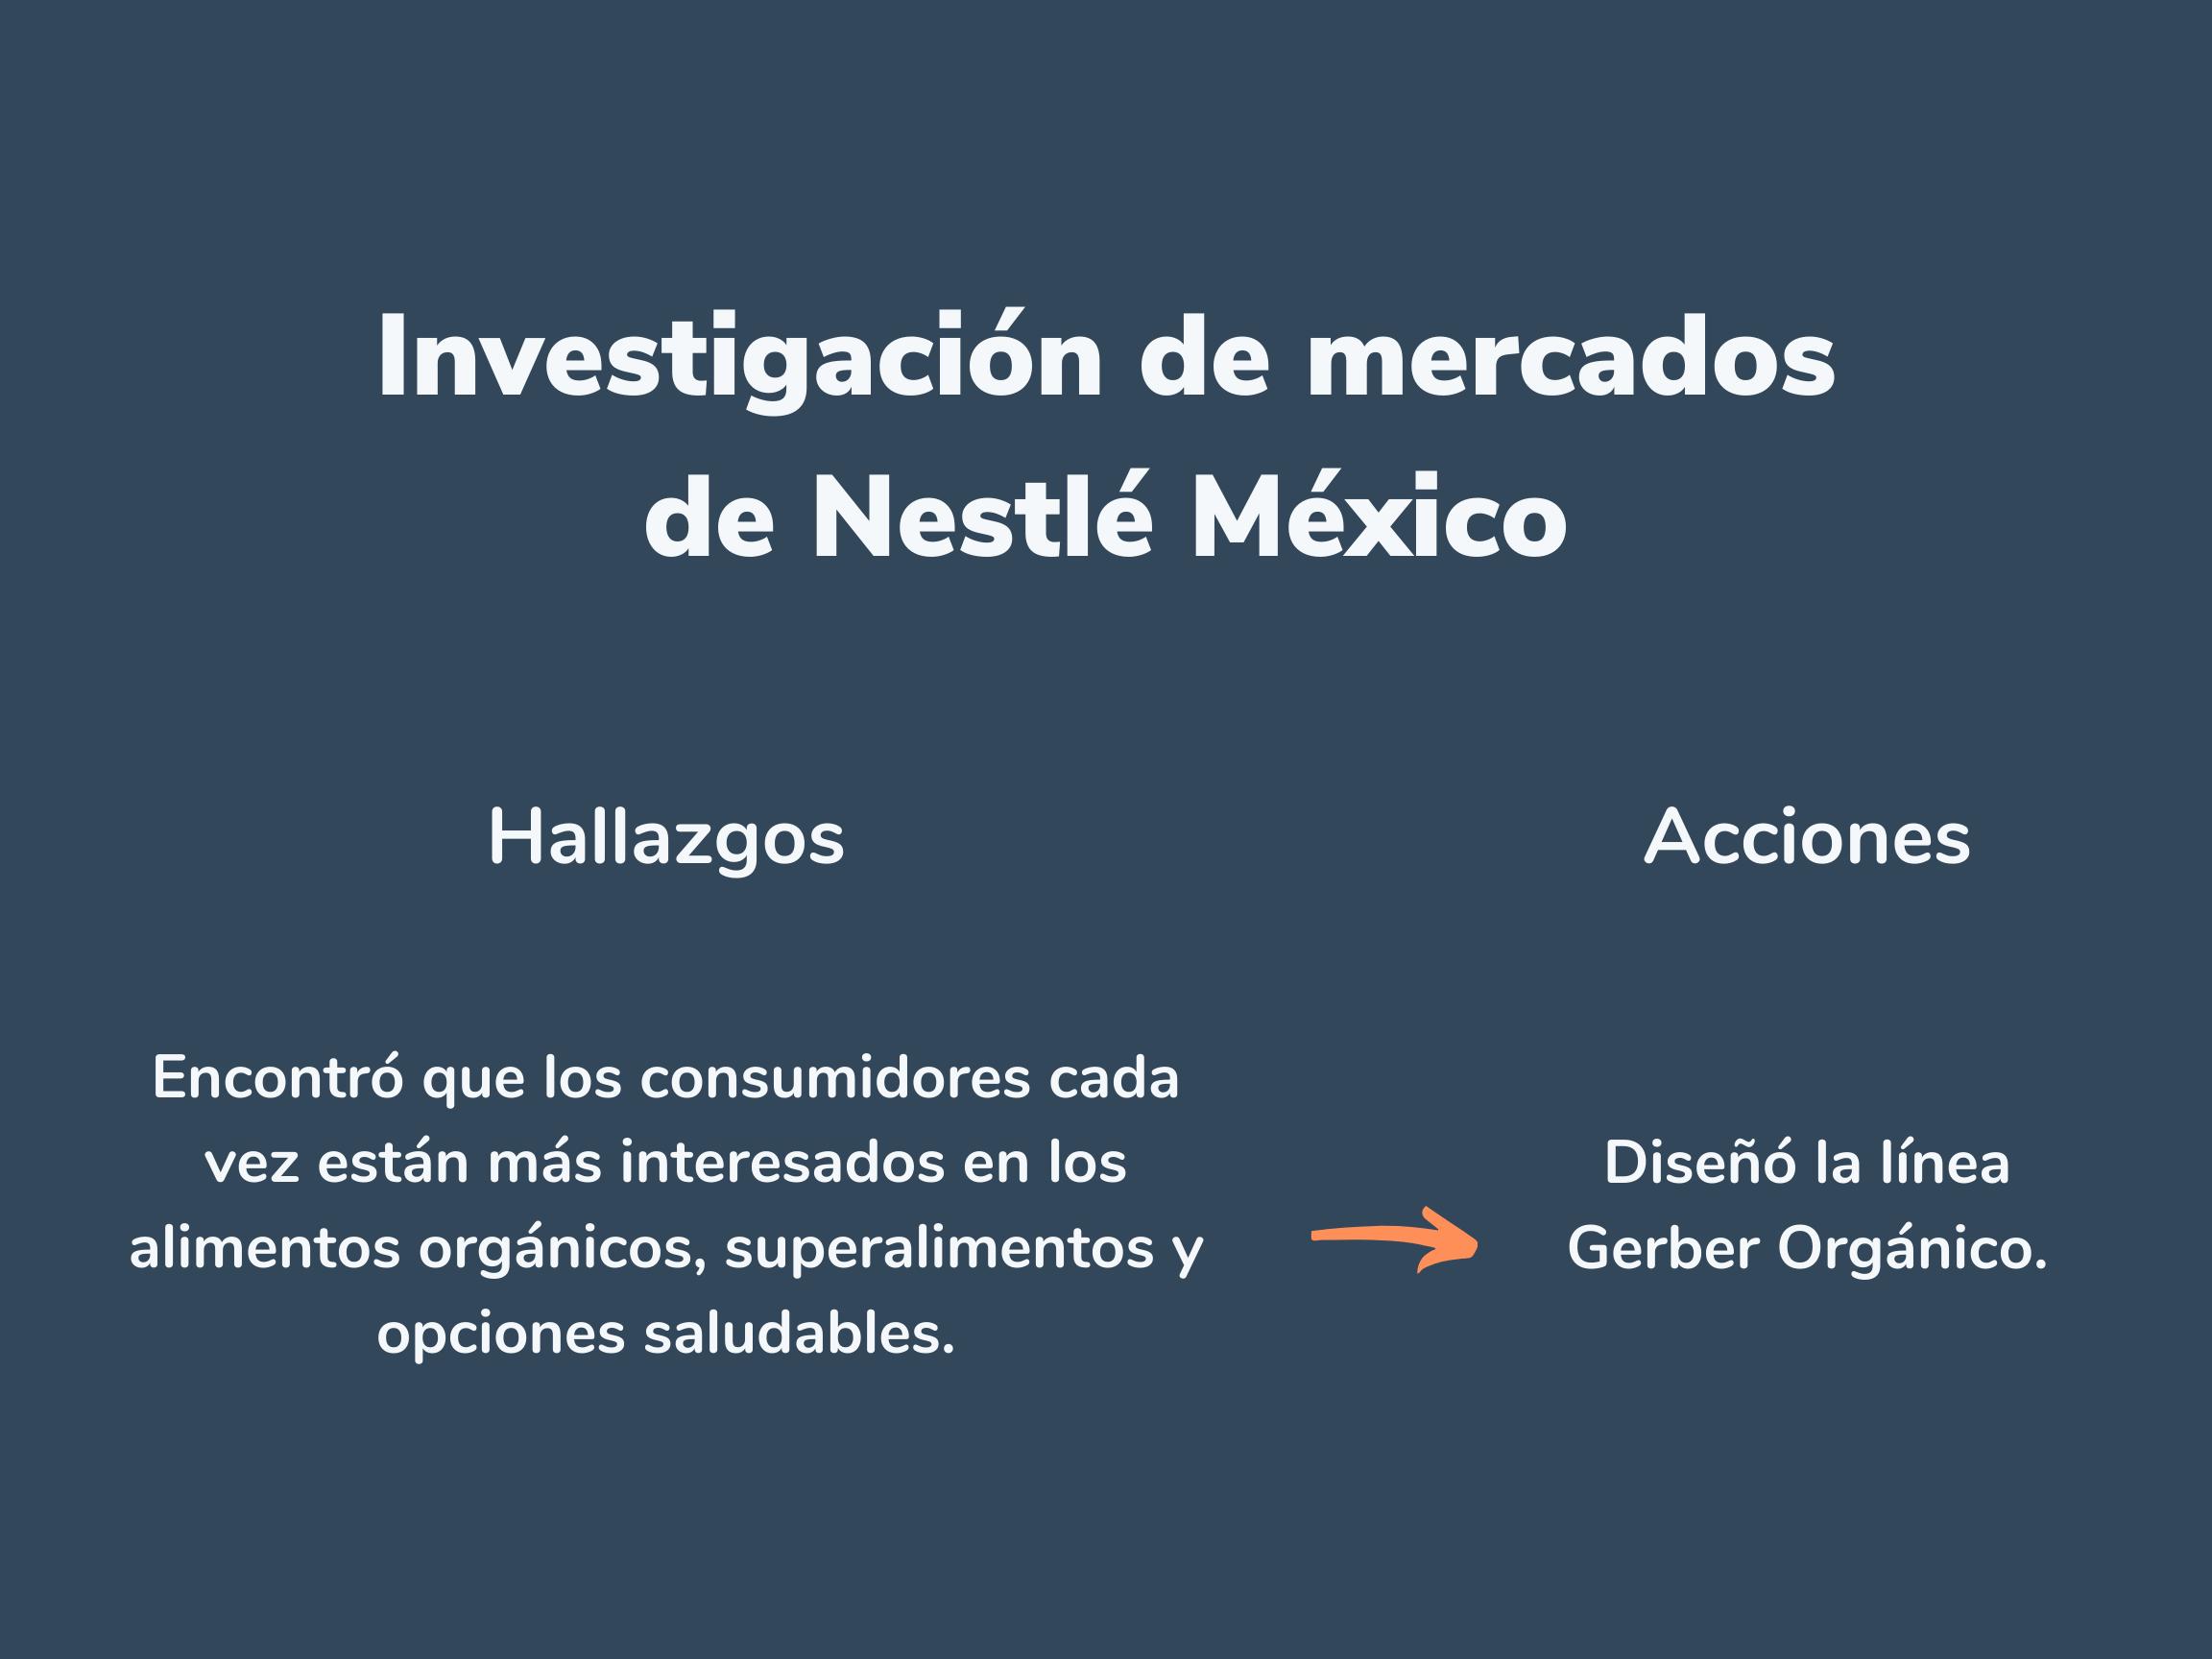 Ejemplo de investigación de mercados de Nestlé México